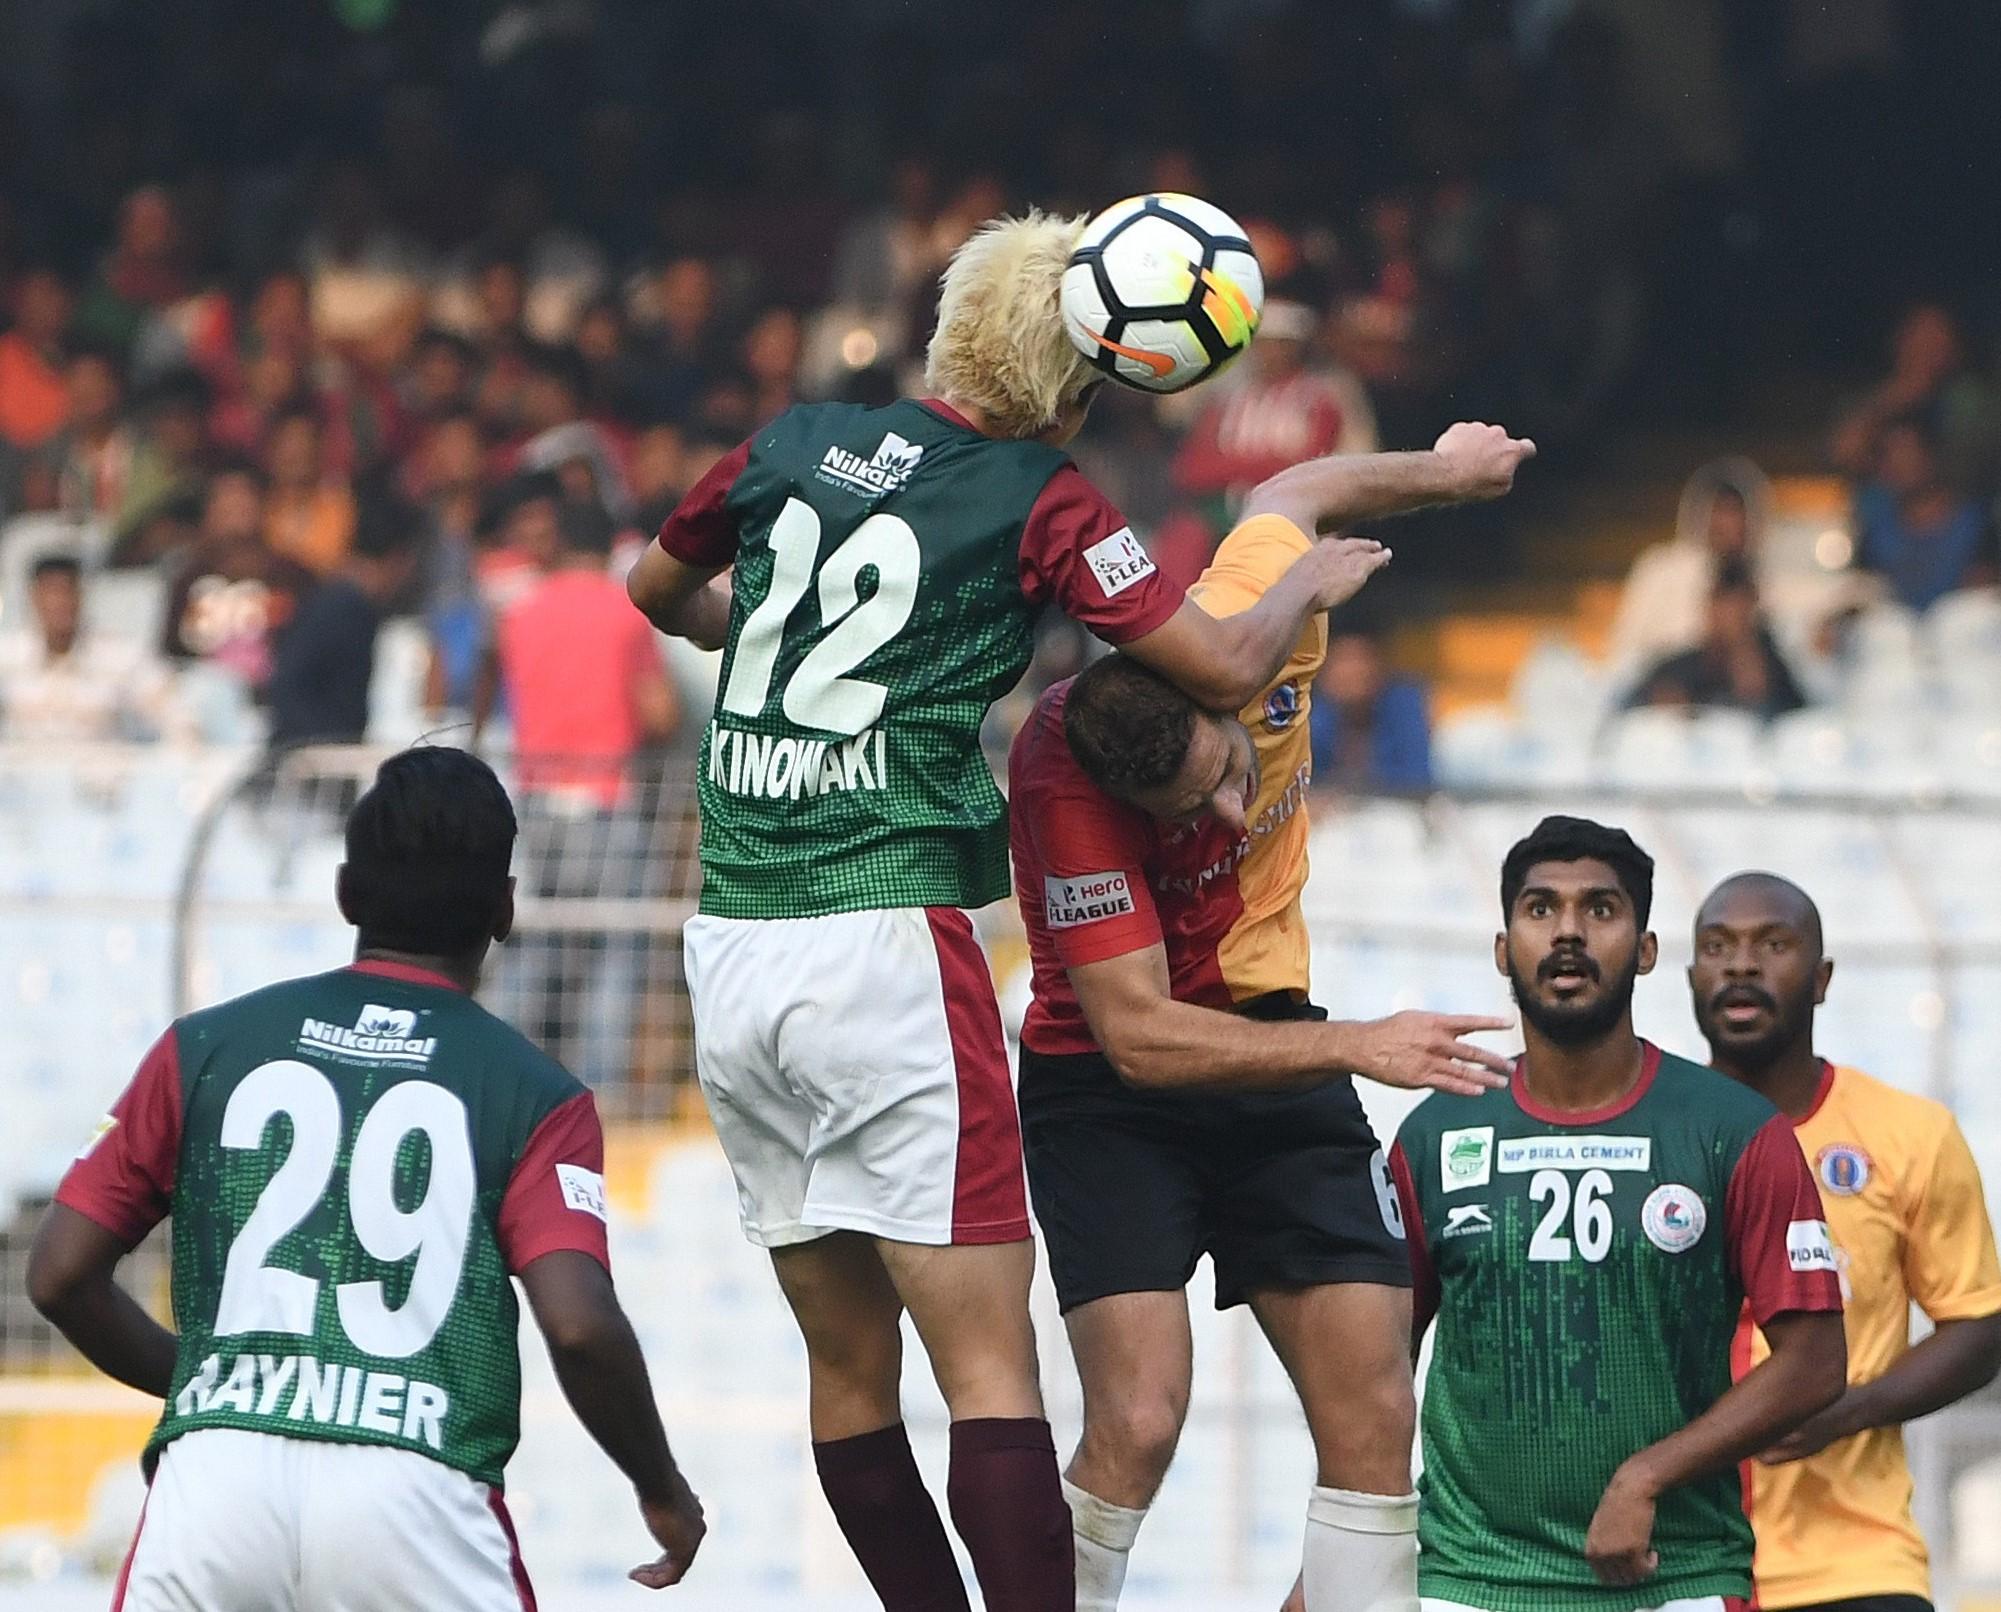 Mohun Bagan edges East Bengal 1-0 in Kolkata derby